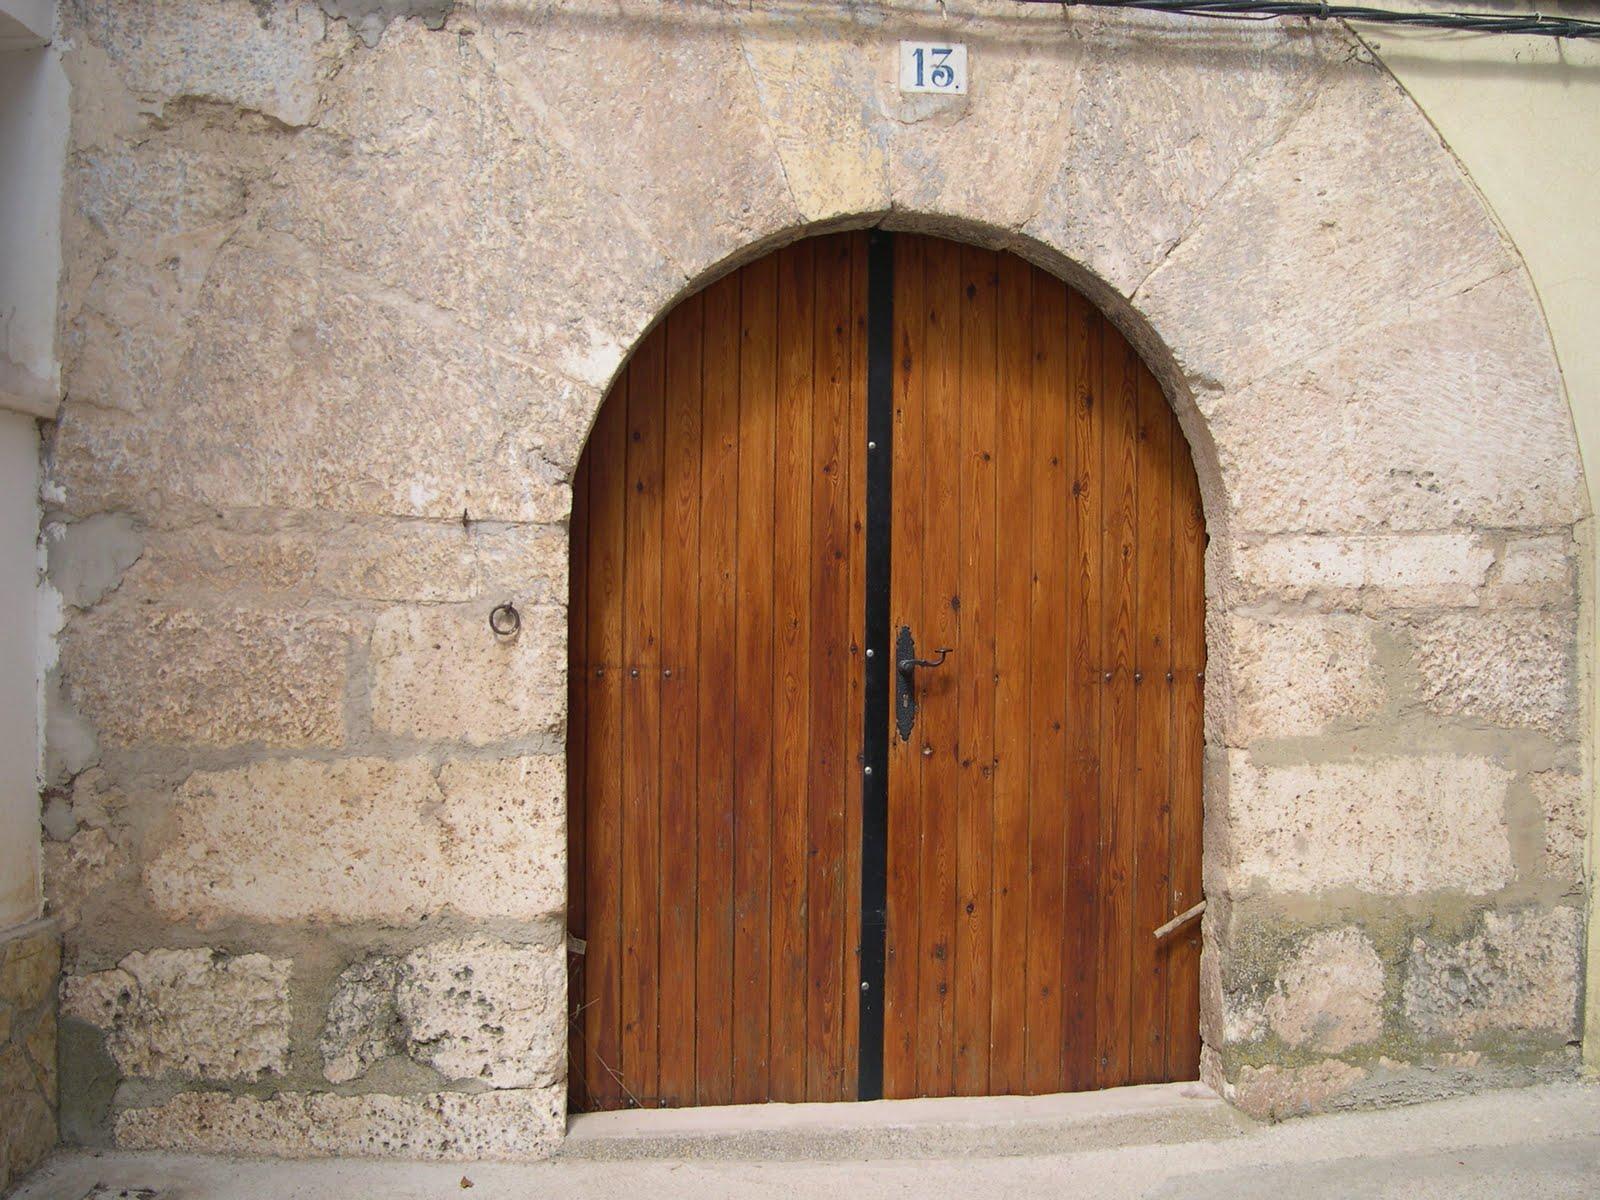 Crivill n arcos puertas de crivill n - Arcos decorativos para puertas ...